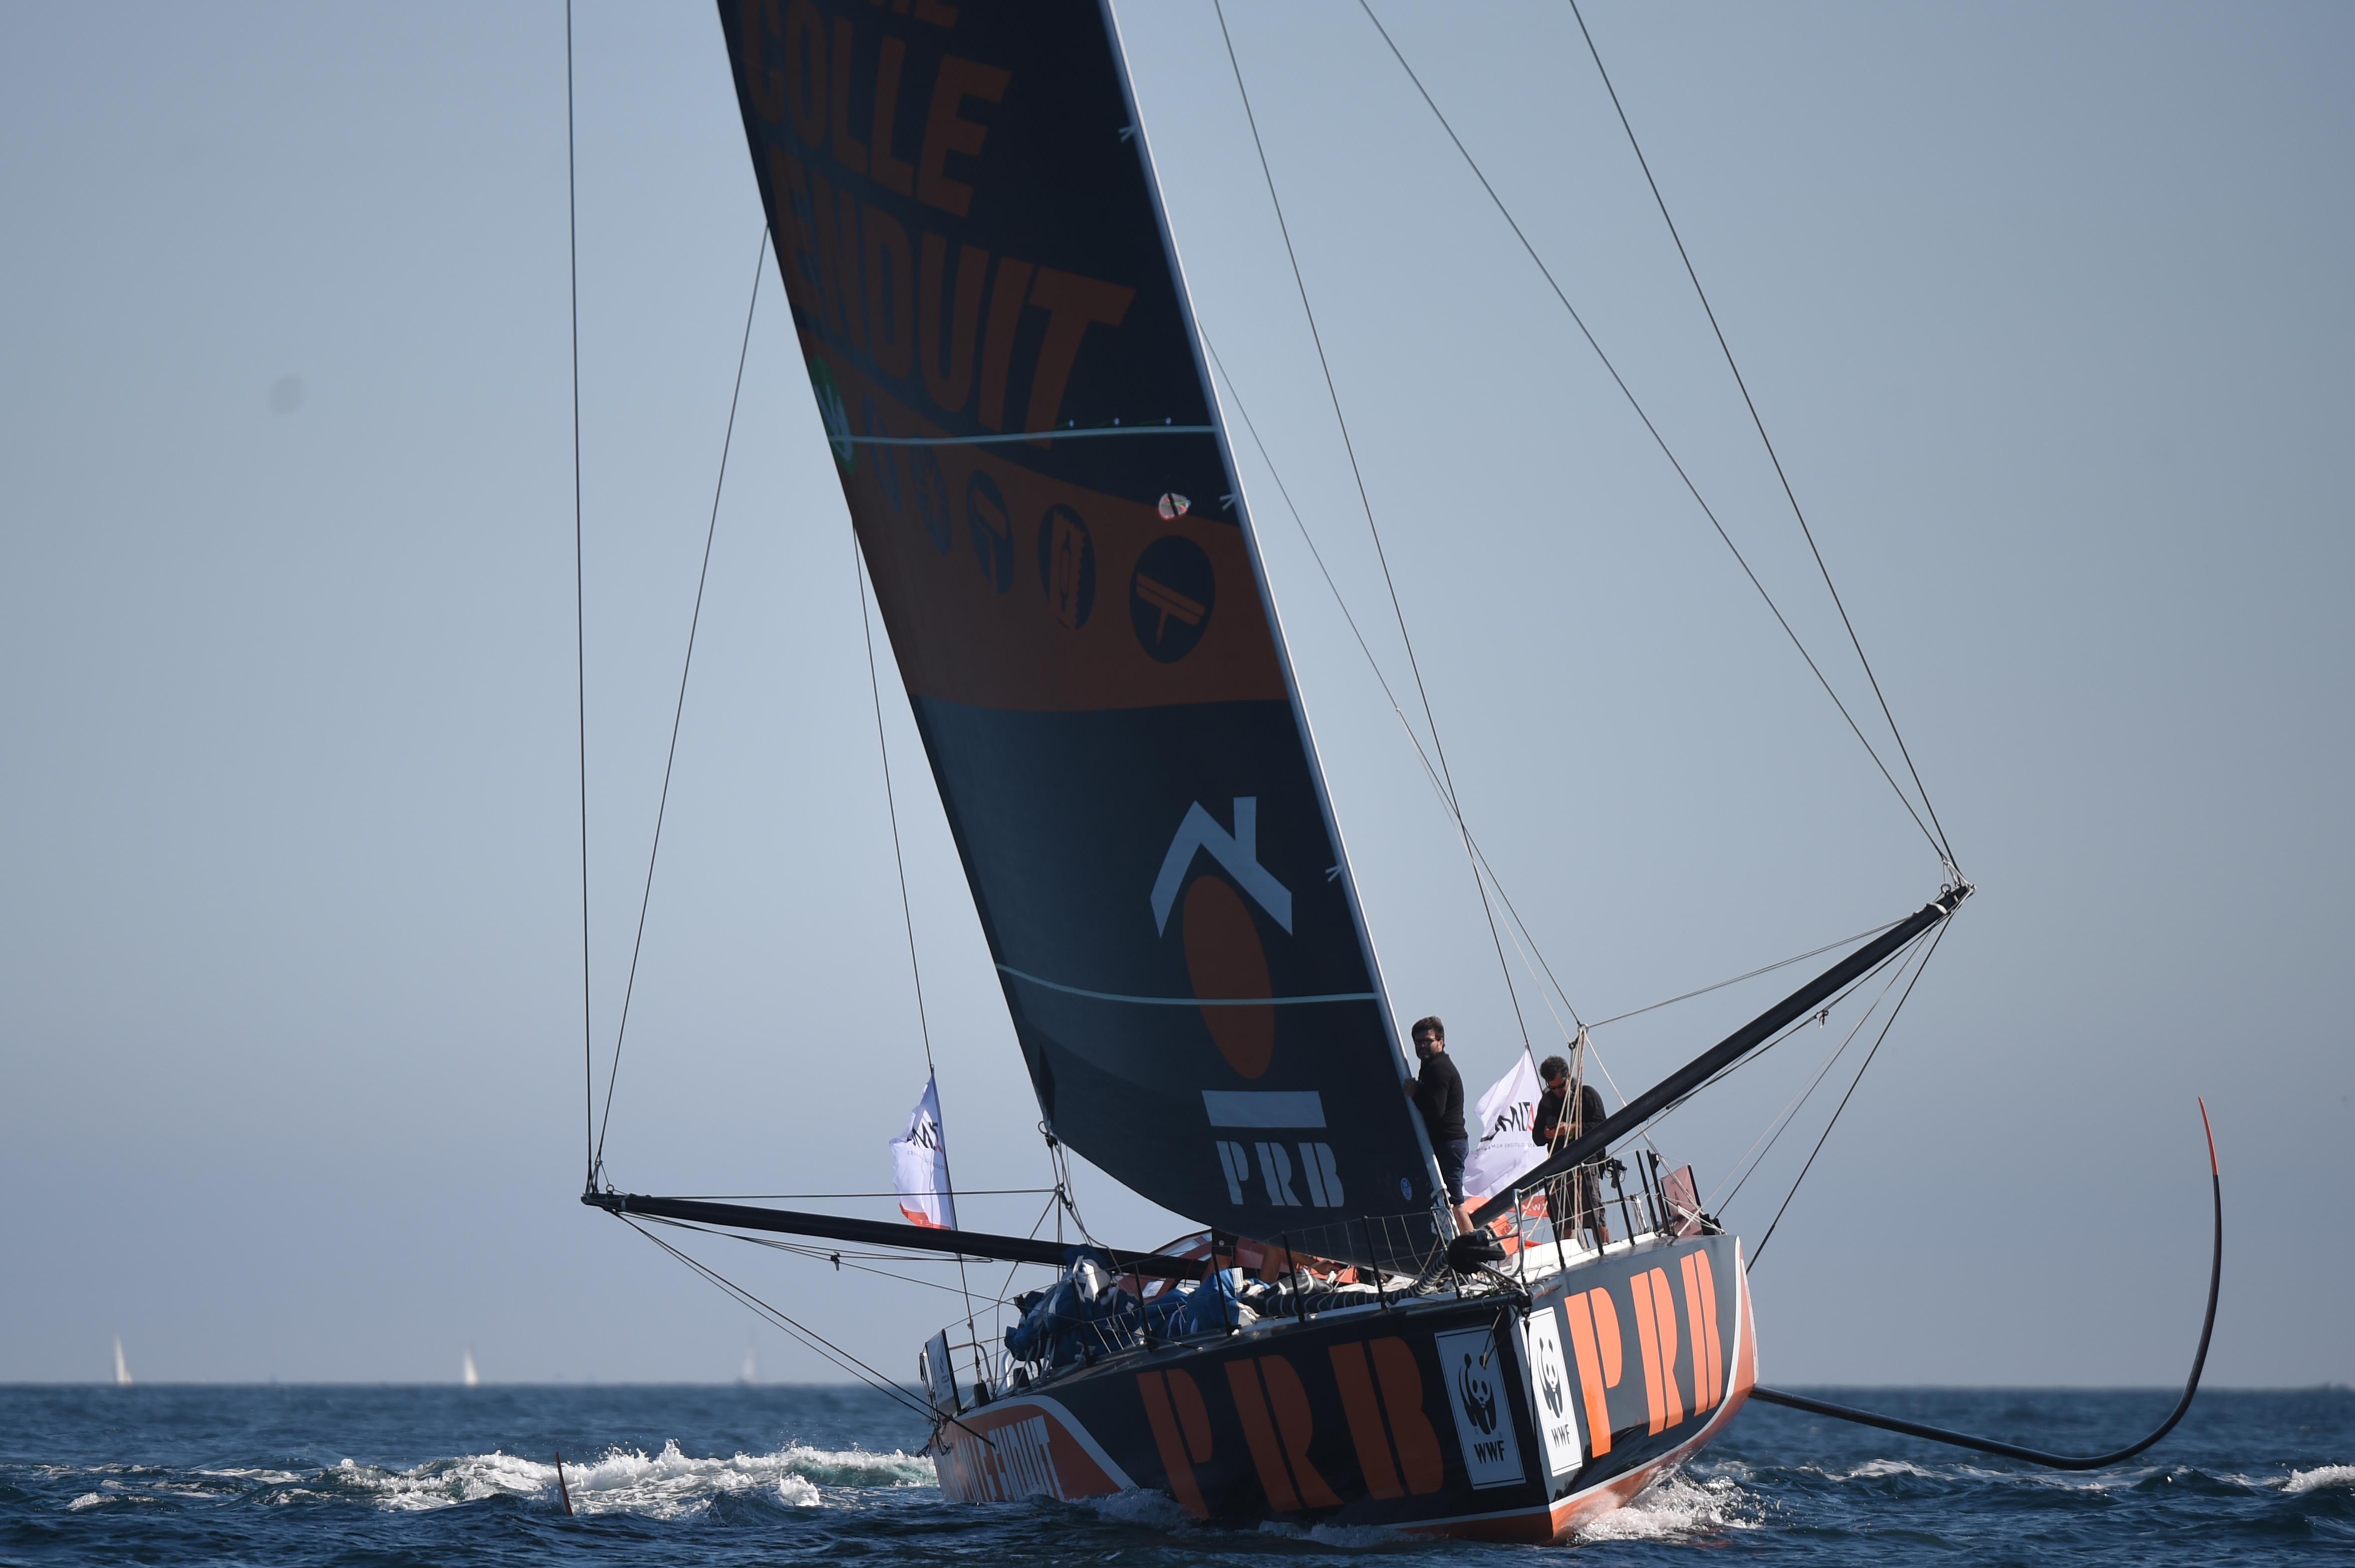 Elsüllyedt a földkörüli vitorlásverseny egyik indulójának hajója, a férfit sikerült kimenteni